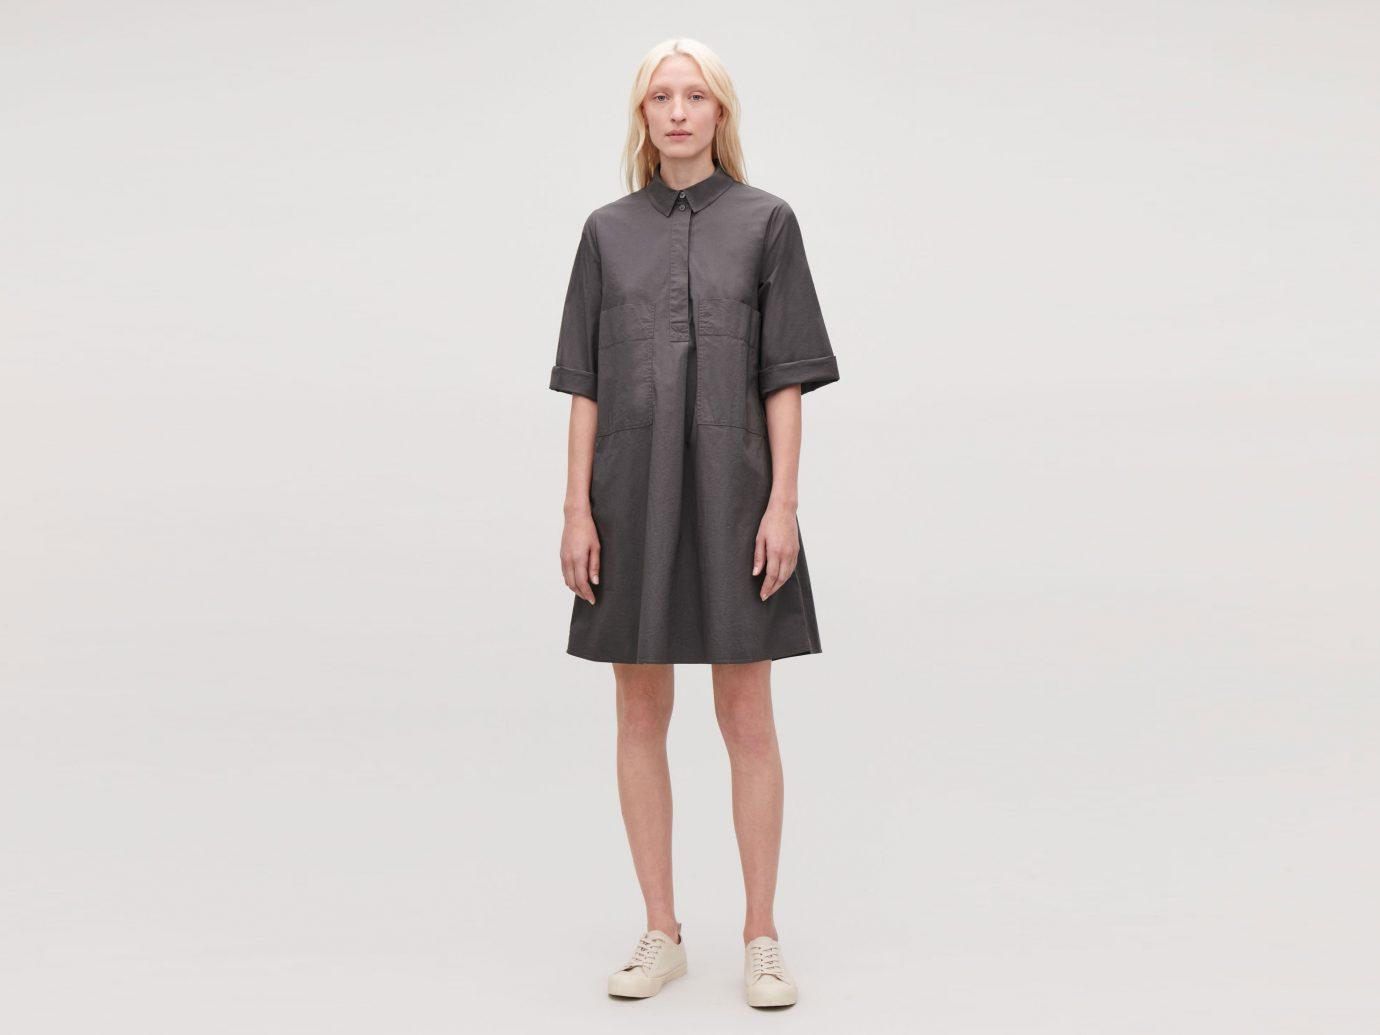 COS CASUAL A-LINE POCKET DRESS